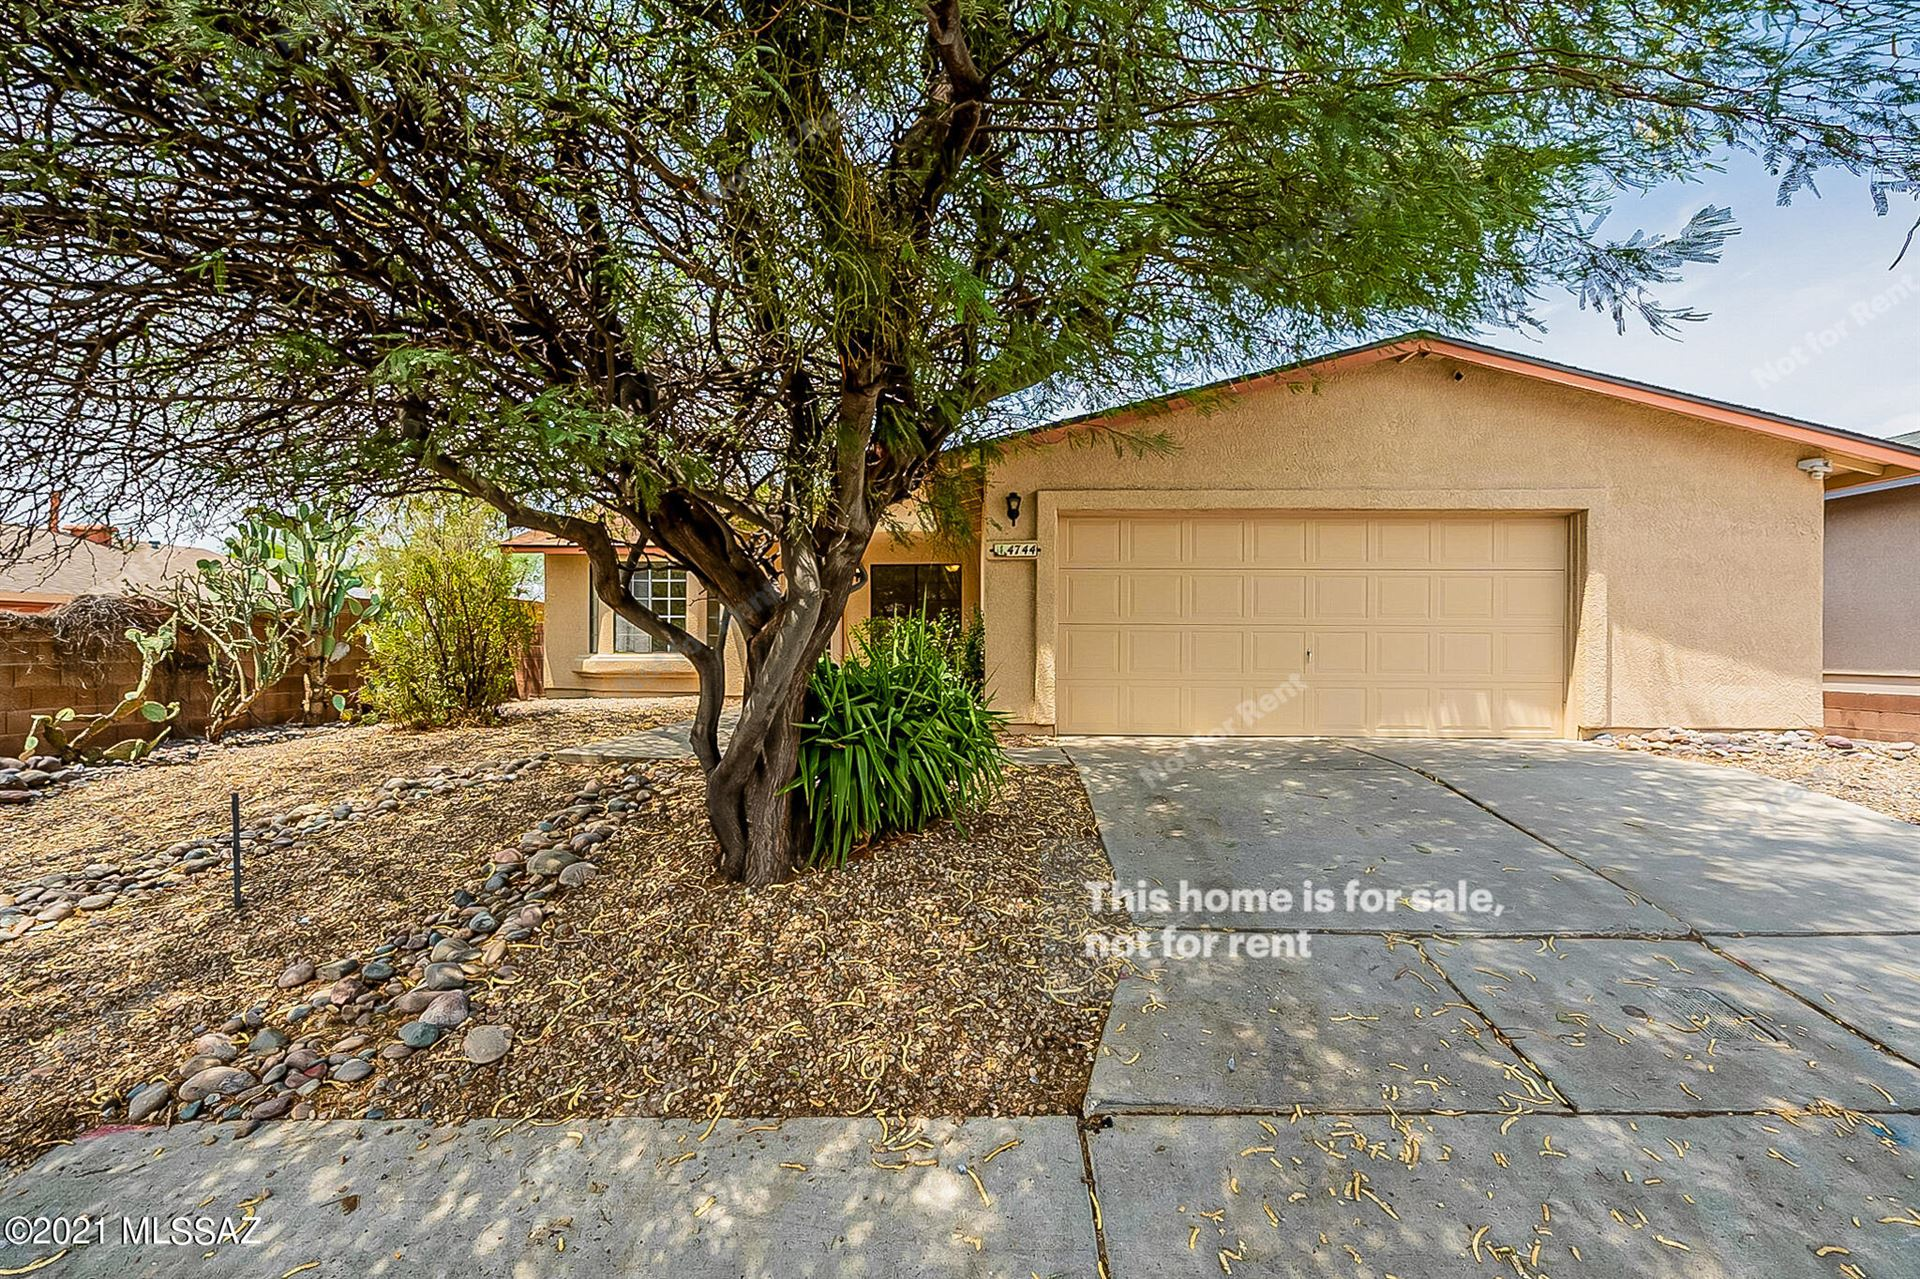 4744 W Tansy Way, Tucson, AZ 85742 - MLS#: 22118336